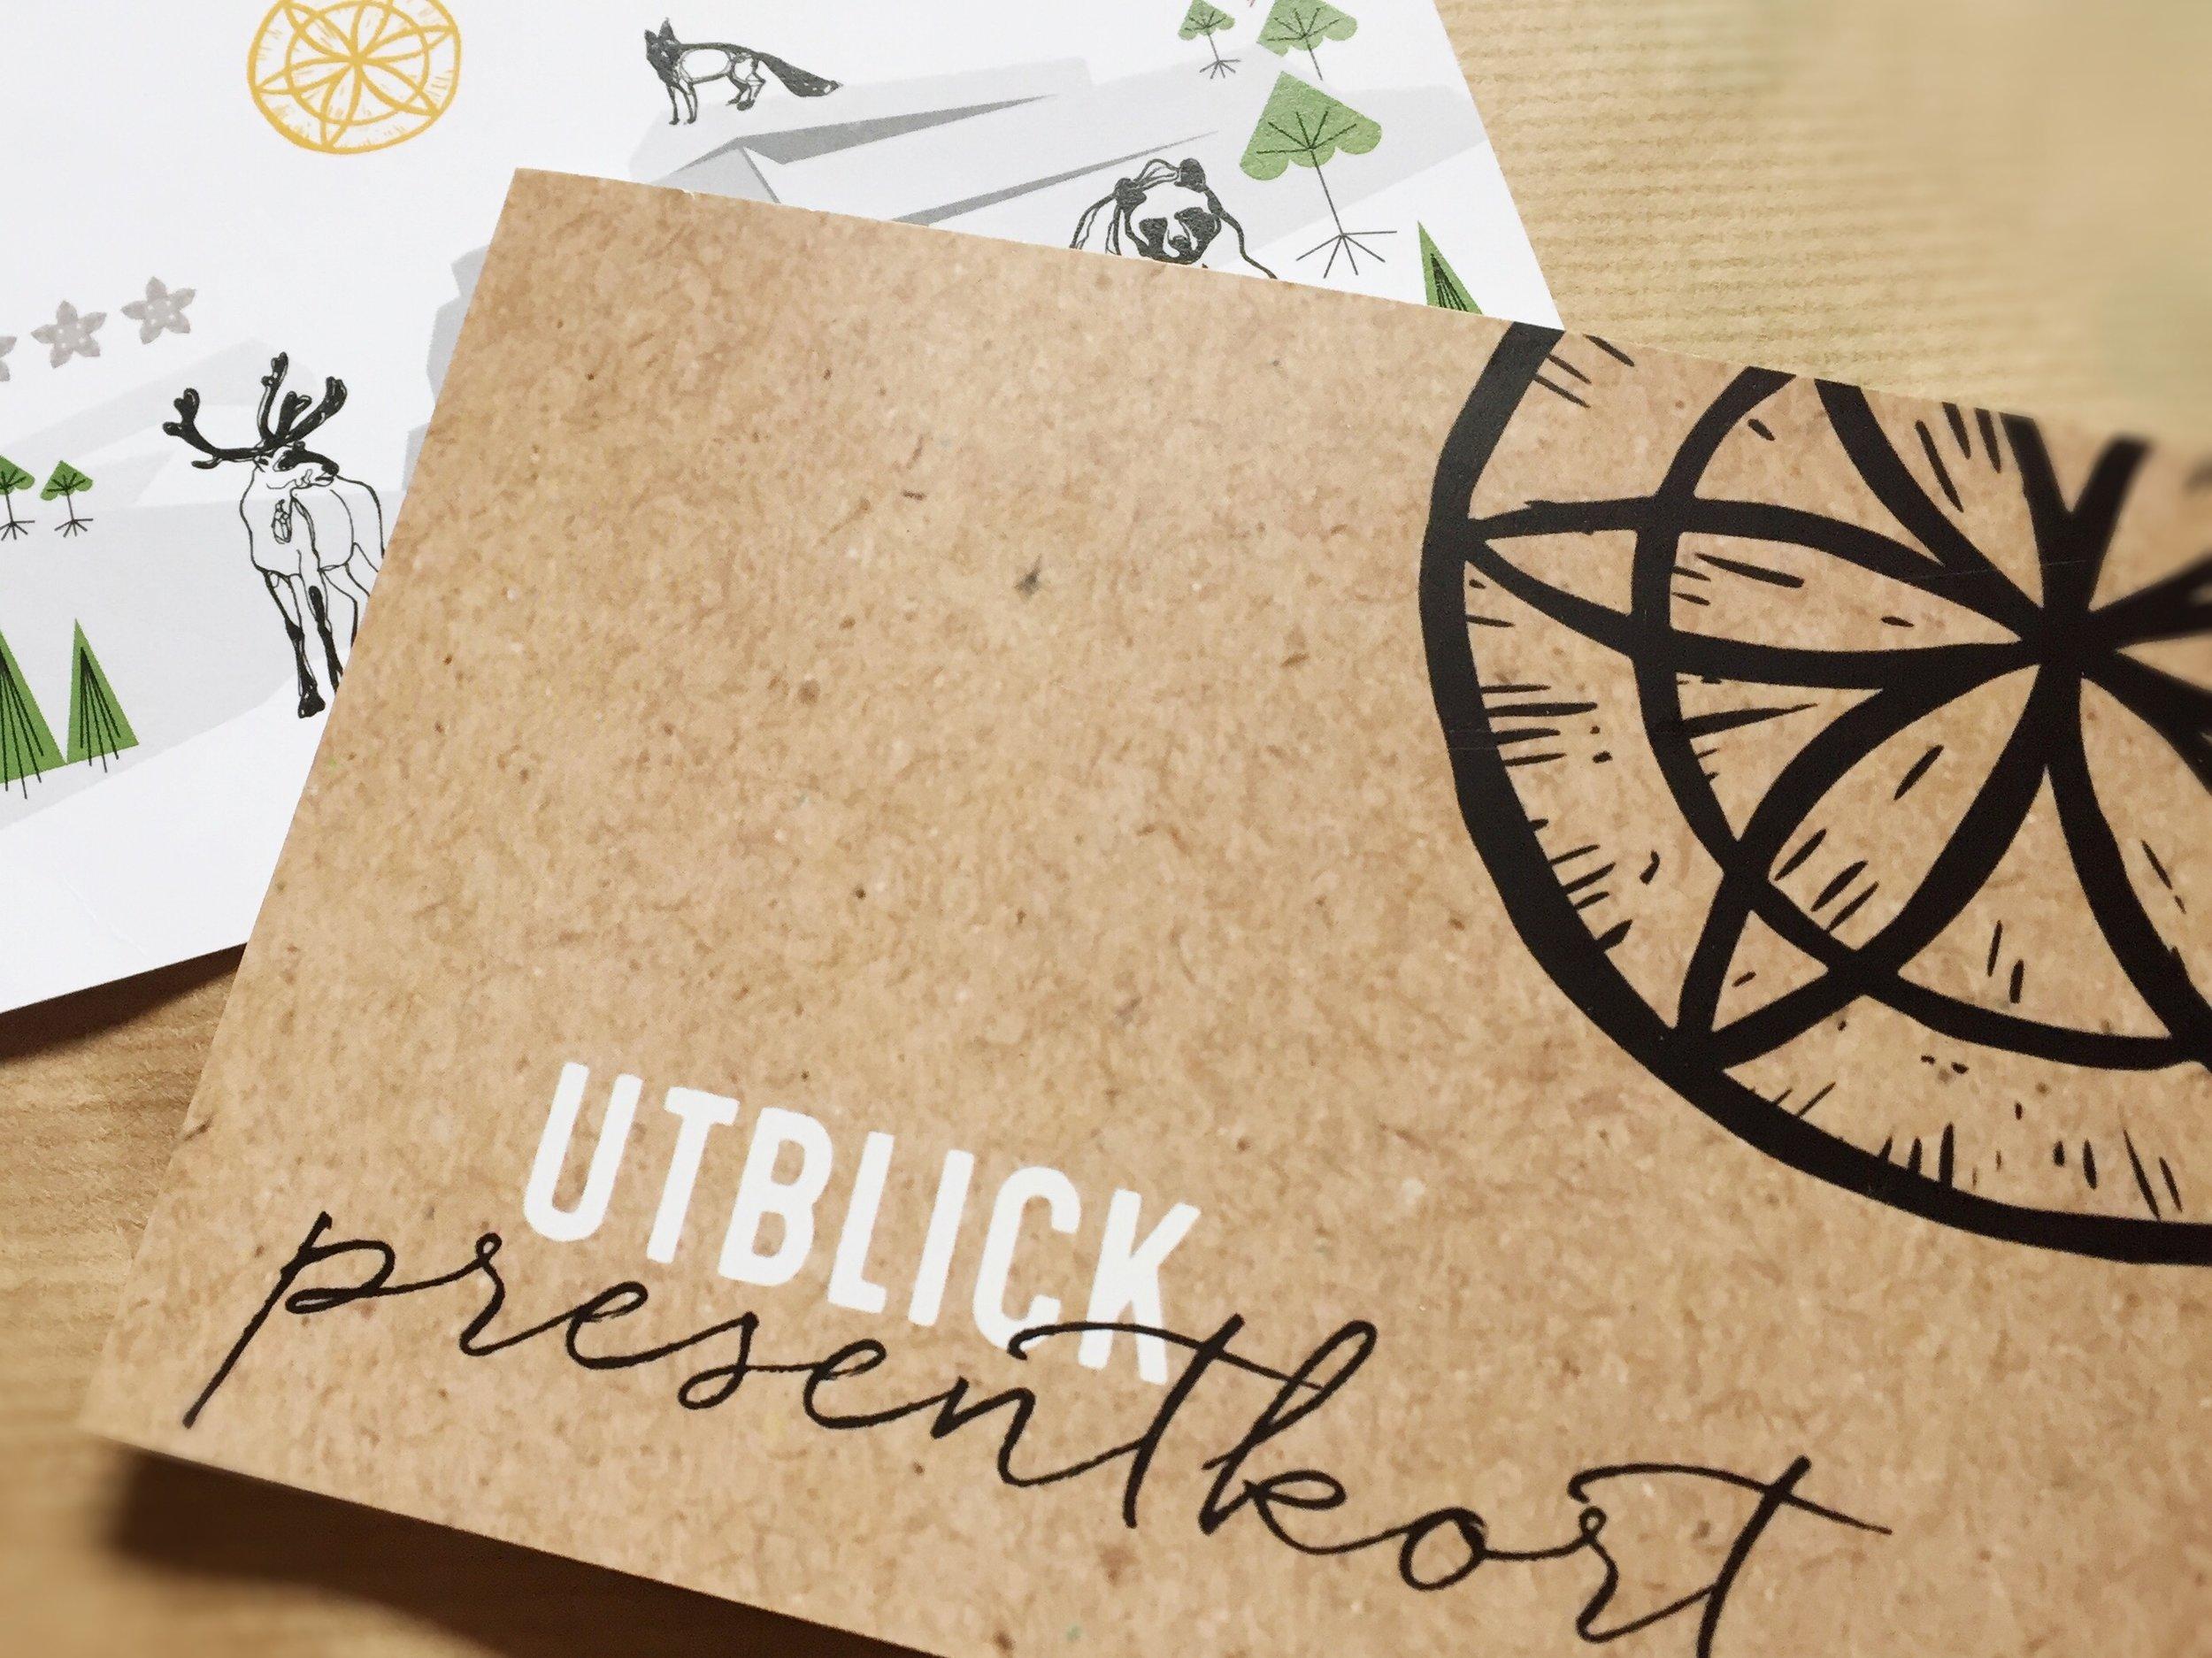 """Uppskattat Presenttips! - Köp ett presentkort till vän, medarbetare, student, brudpar, mor & far, älskling … Vi hjälper gärna till att skicka en uppskattad gåva till någon du vill glädja!Gör så här!1. Skicka ett mail till oss så löser vi det! boka@utblickluppioberget.se2. I mailet till oss: skriv värde/vilken summa (500 kr och uppåt) du vill ha på presentkortet.3. Namn på den/de som skall få gåvan (t.ex. för- & efternamn, Familjen Z, Brudparet X & Y…) samt från vem gåvan är (ditt eget namn...) Vi erbjudera """"skicka-service"""" med postnord. Beräkna minst 5 leveransdagar. Skicka-service-avgift inom Sverige 50 SEK, utomlands 70 SEK.4. När vi fått bekräftelse på din Swish-inbetalning inkl. ev. """"skicka.service-avgift (Ta en skärm-avbild och skicka tillbaka på mail) skickar vi Presentkortet med postnord till den gatuadress du uppgivit.Utblick Swishnr: 123 147 99 97OBS! Viktigt att du vid betalning skriver: """"Presentkort"""